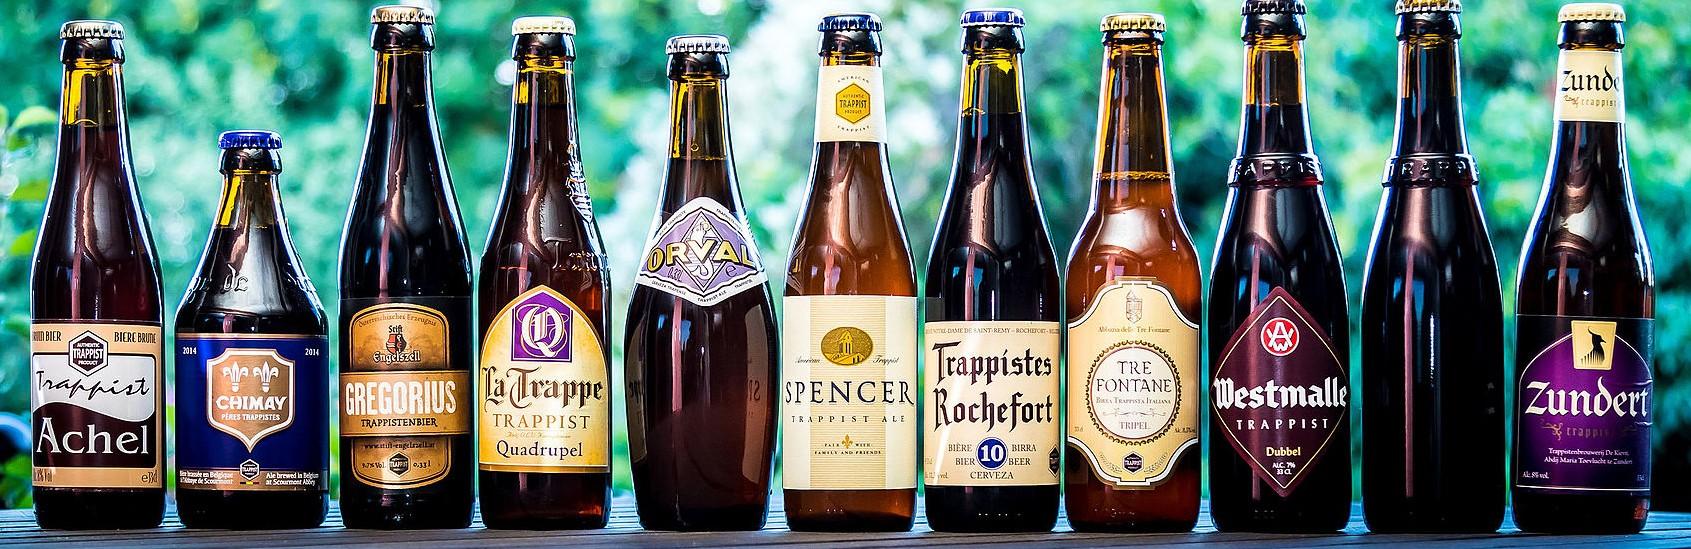 As 11 cervejas trapistas produzidas dentro de mosteiros da ordem espalhados pela Bélgica, Holanda, Áustria, Itália e Estados Unidos. Commons